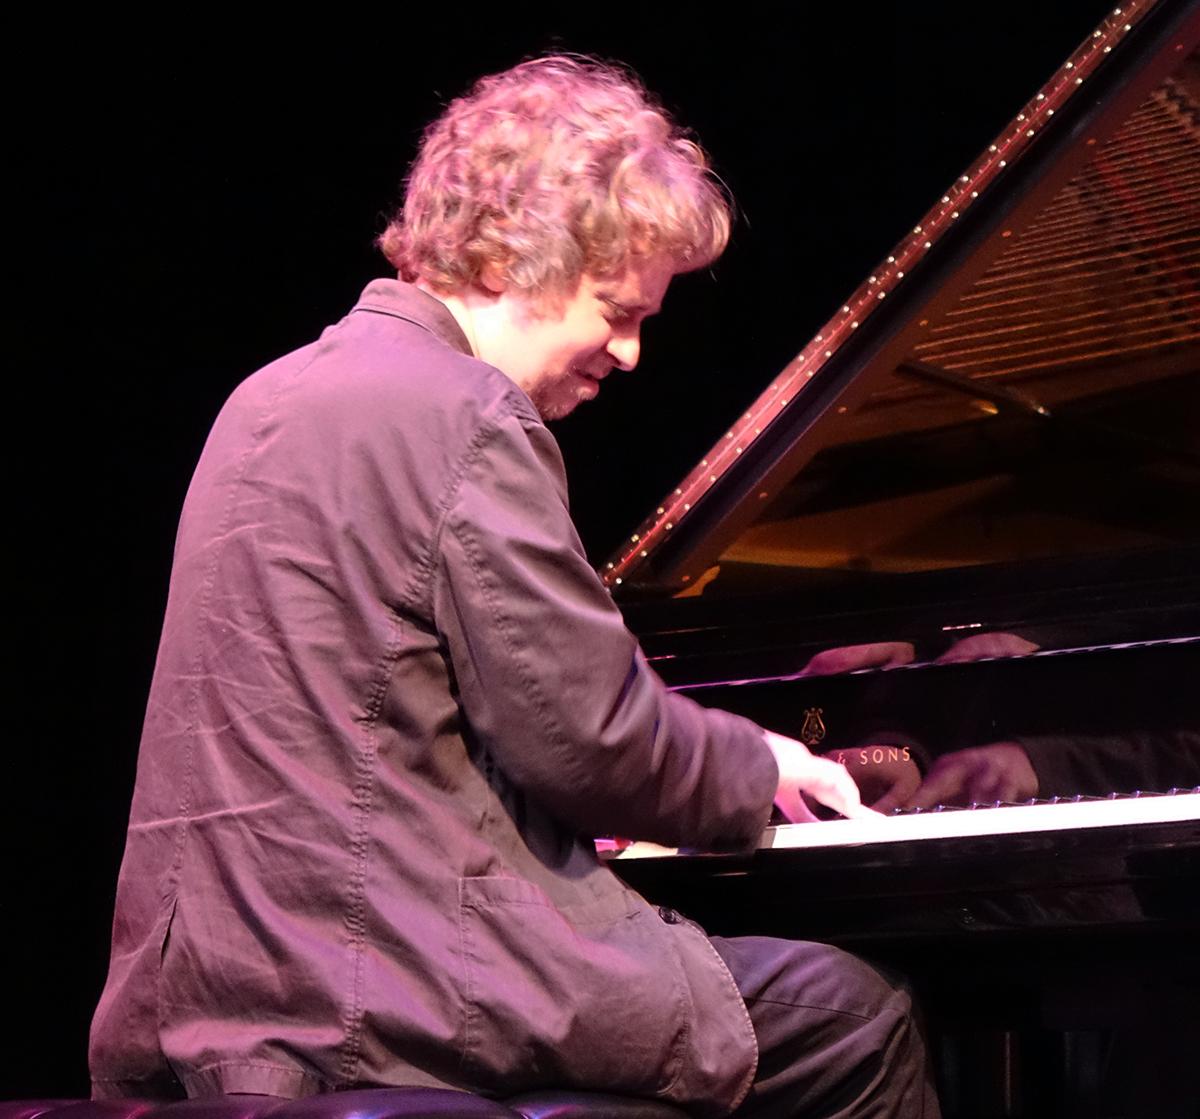 Matt Mitchell at Guelph Jazz Festival 2015